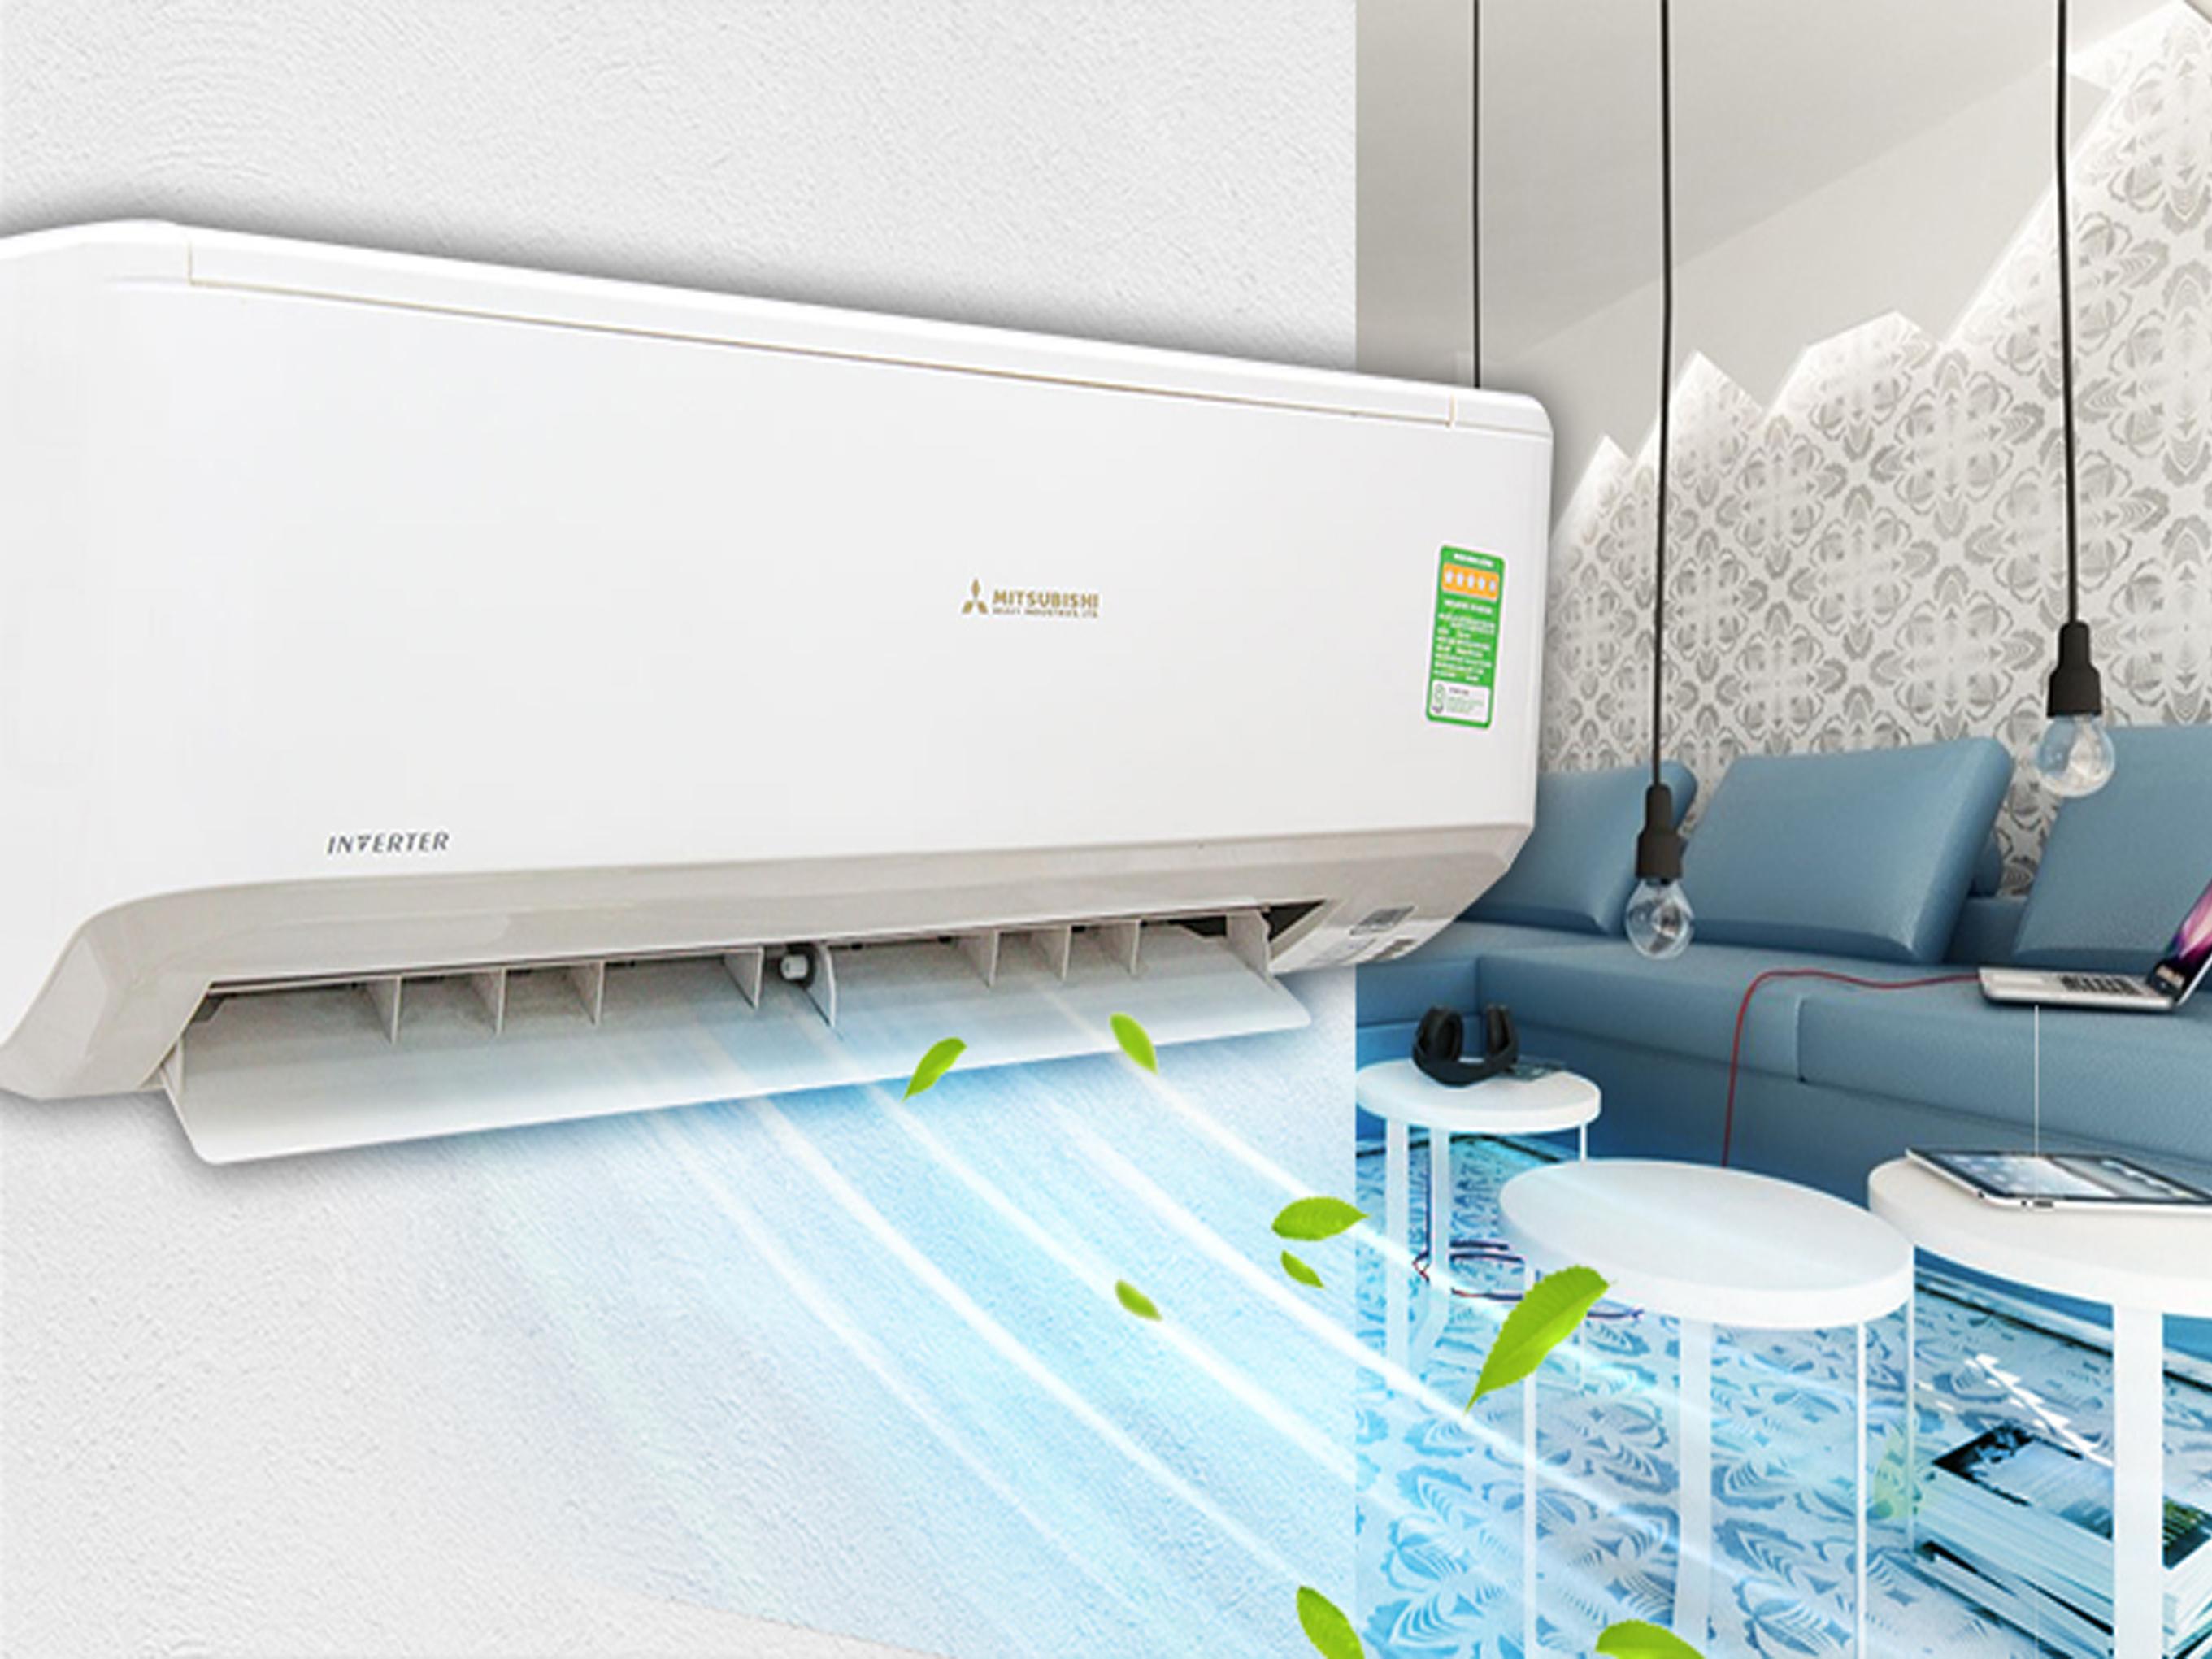 Tối ưu hóa hiệu suất hoạt động của điều hòa nhiệt độ